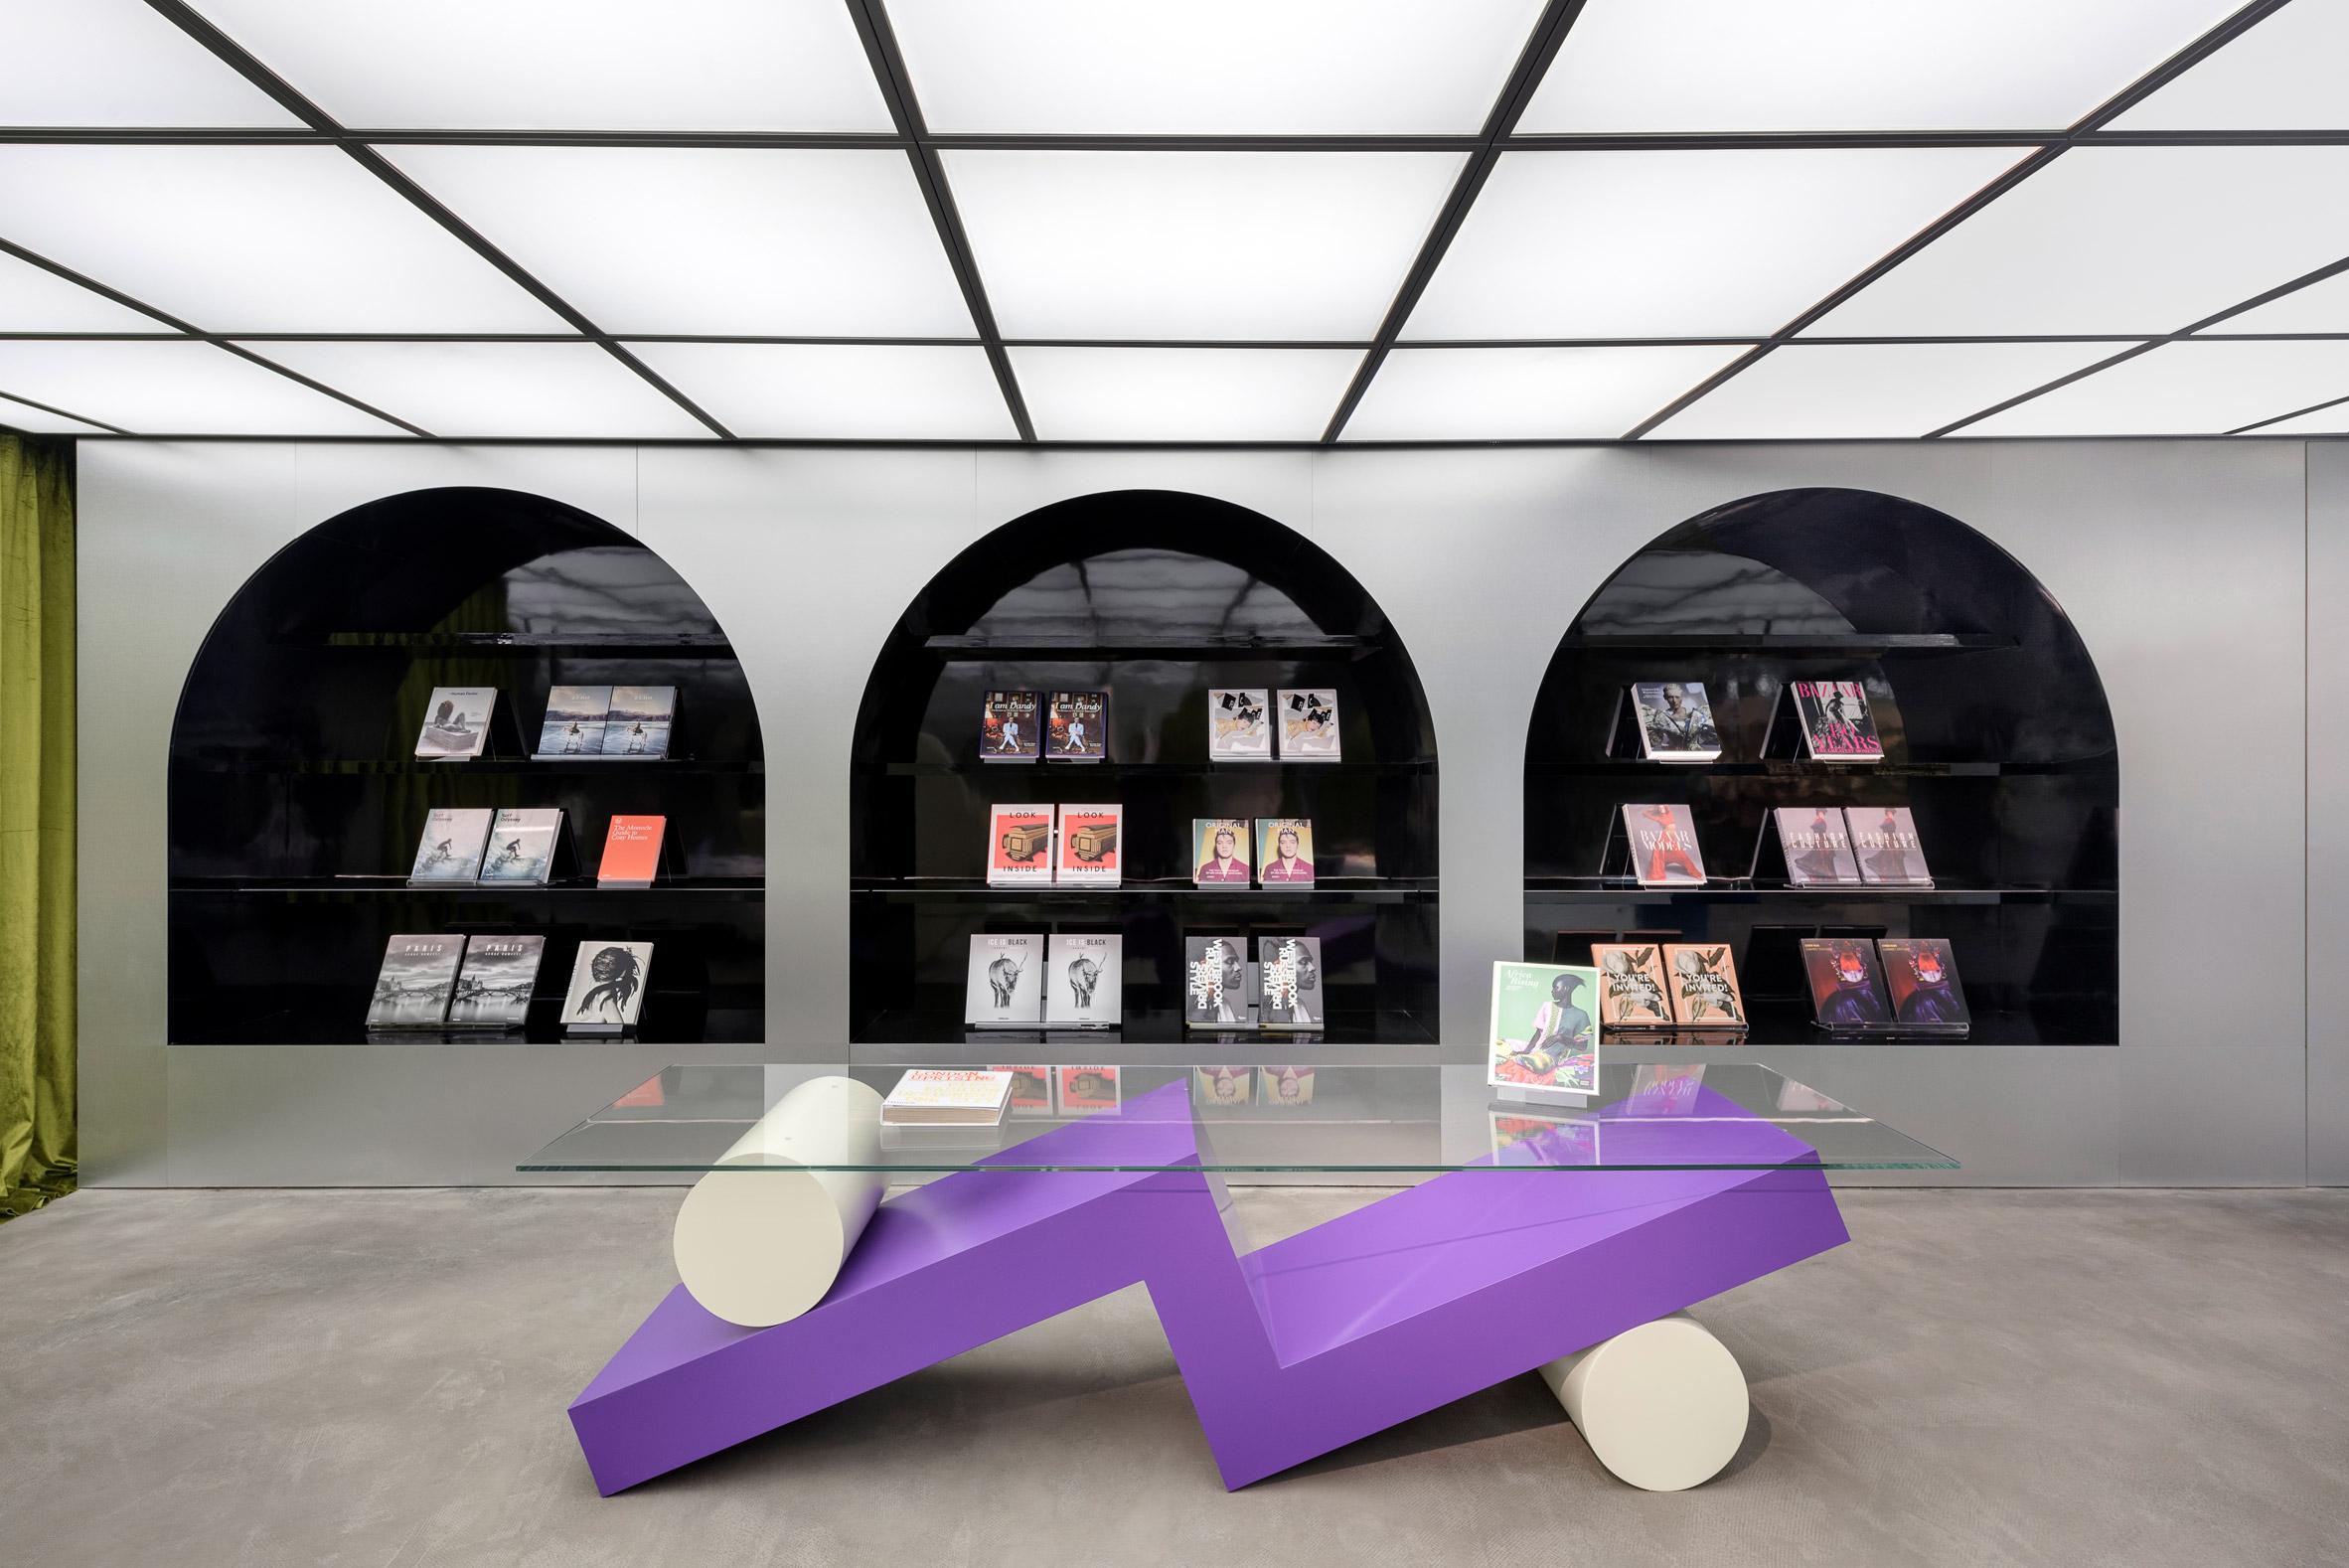 harbook-store-alberto-caiola-interiors-retail-china-hangzhou_dezainaa_3.jpg